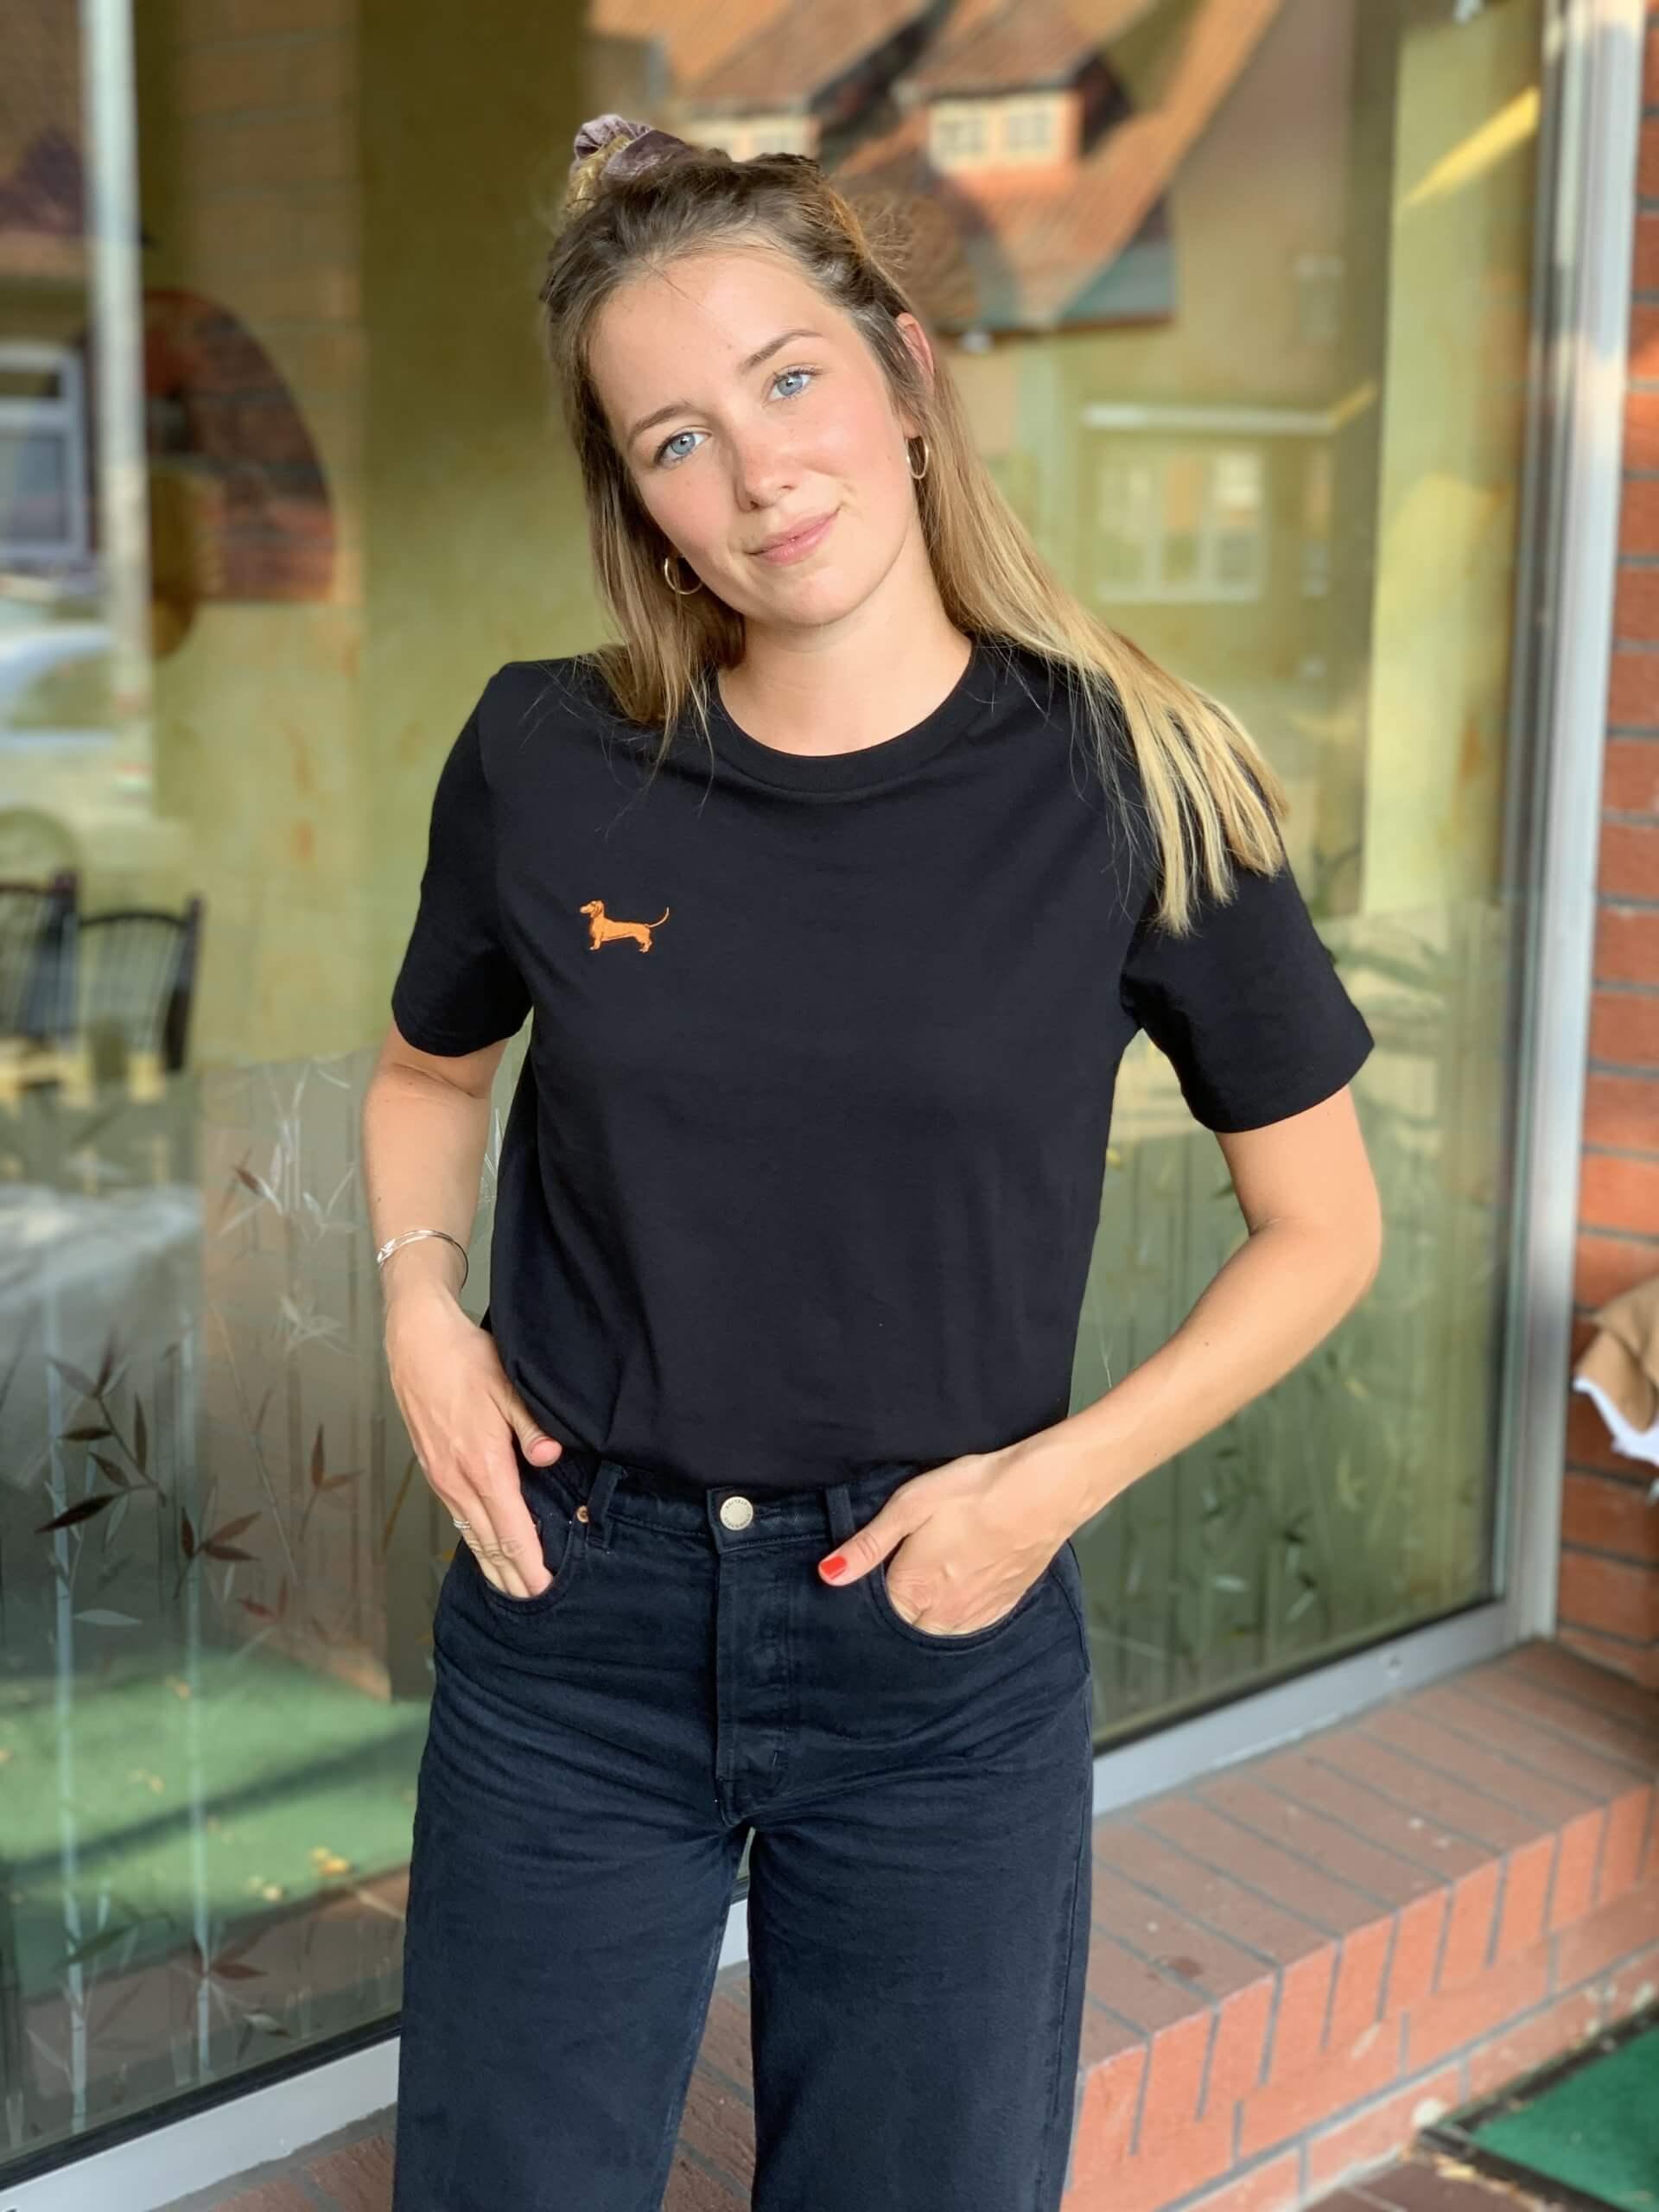 una chica lleva una camiseta de Dackelclub Berlin